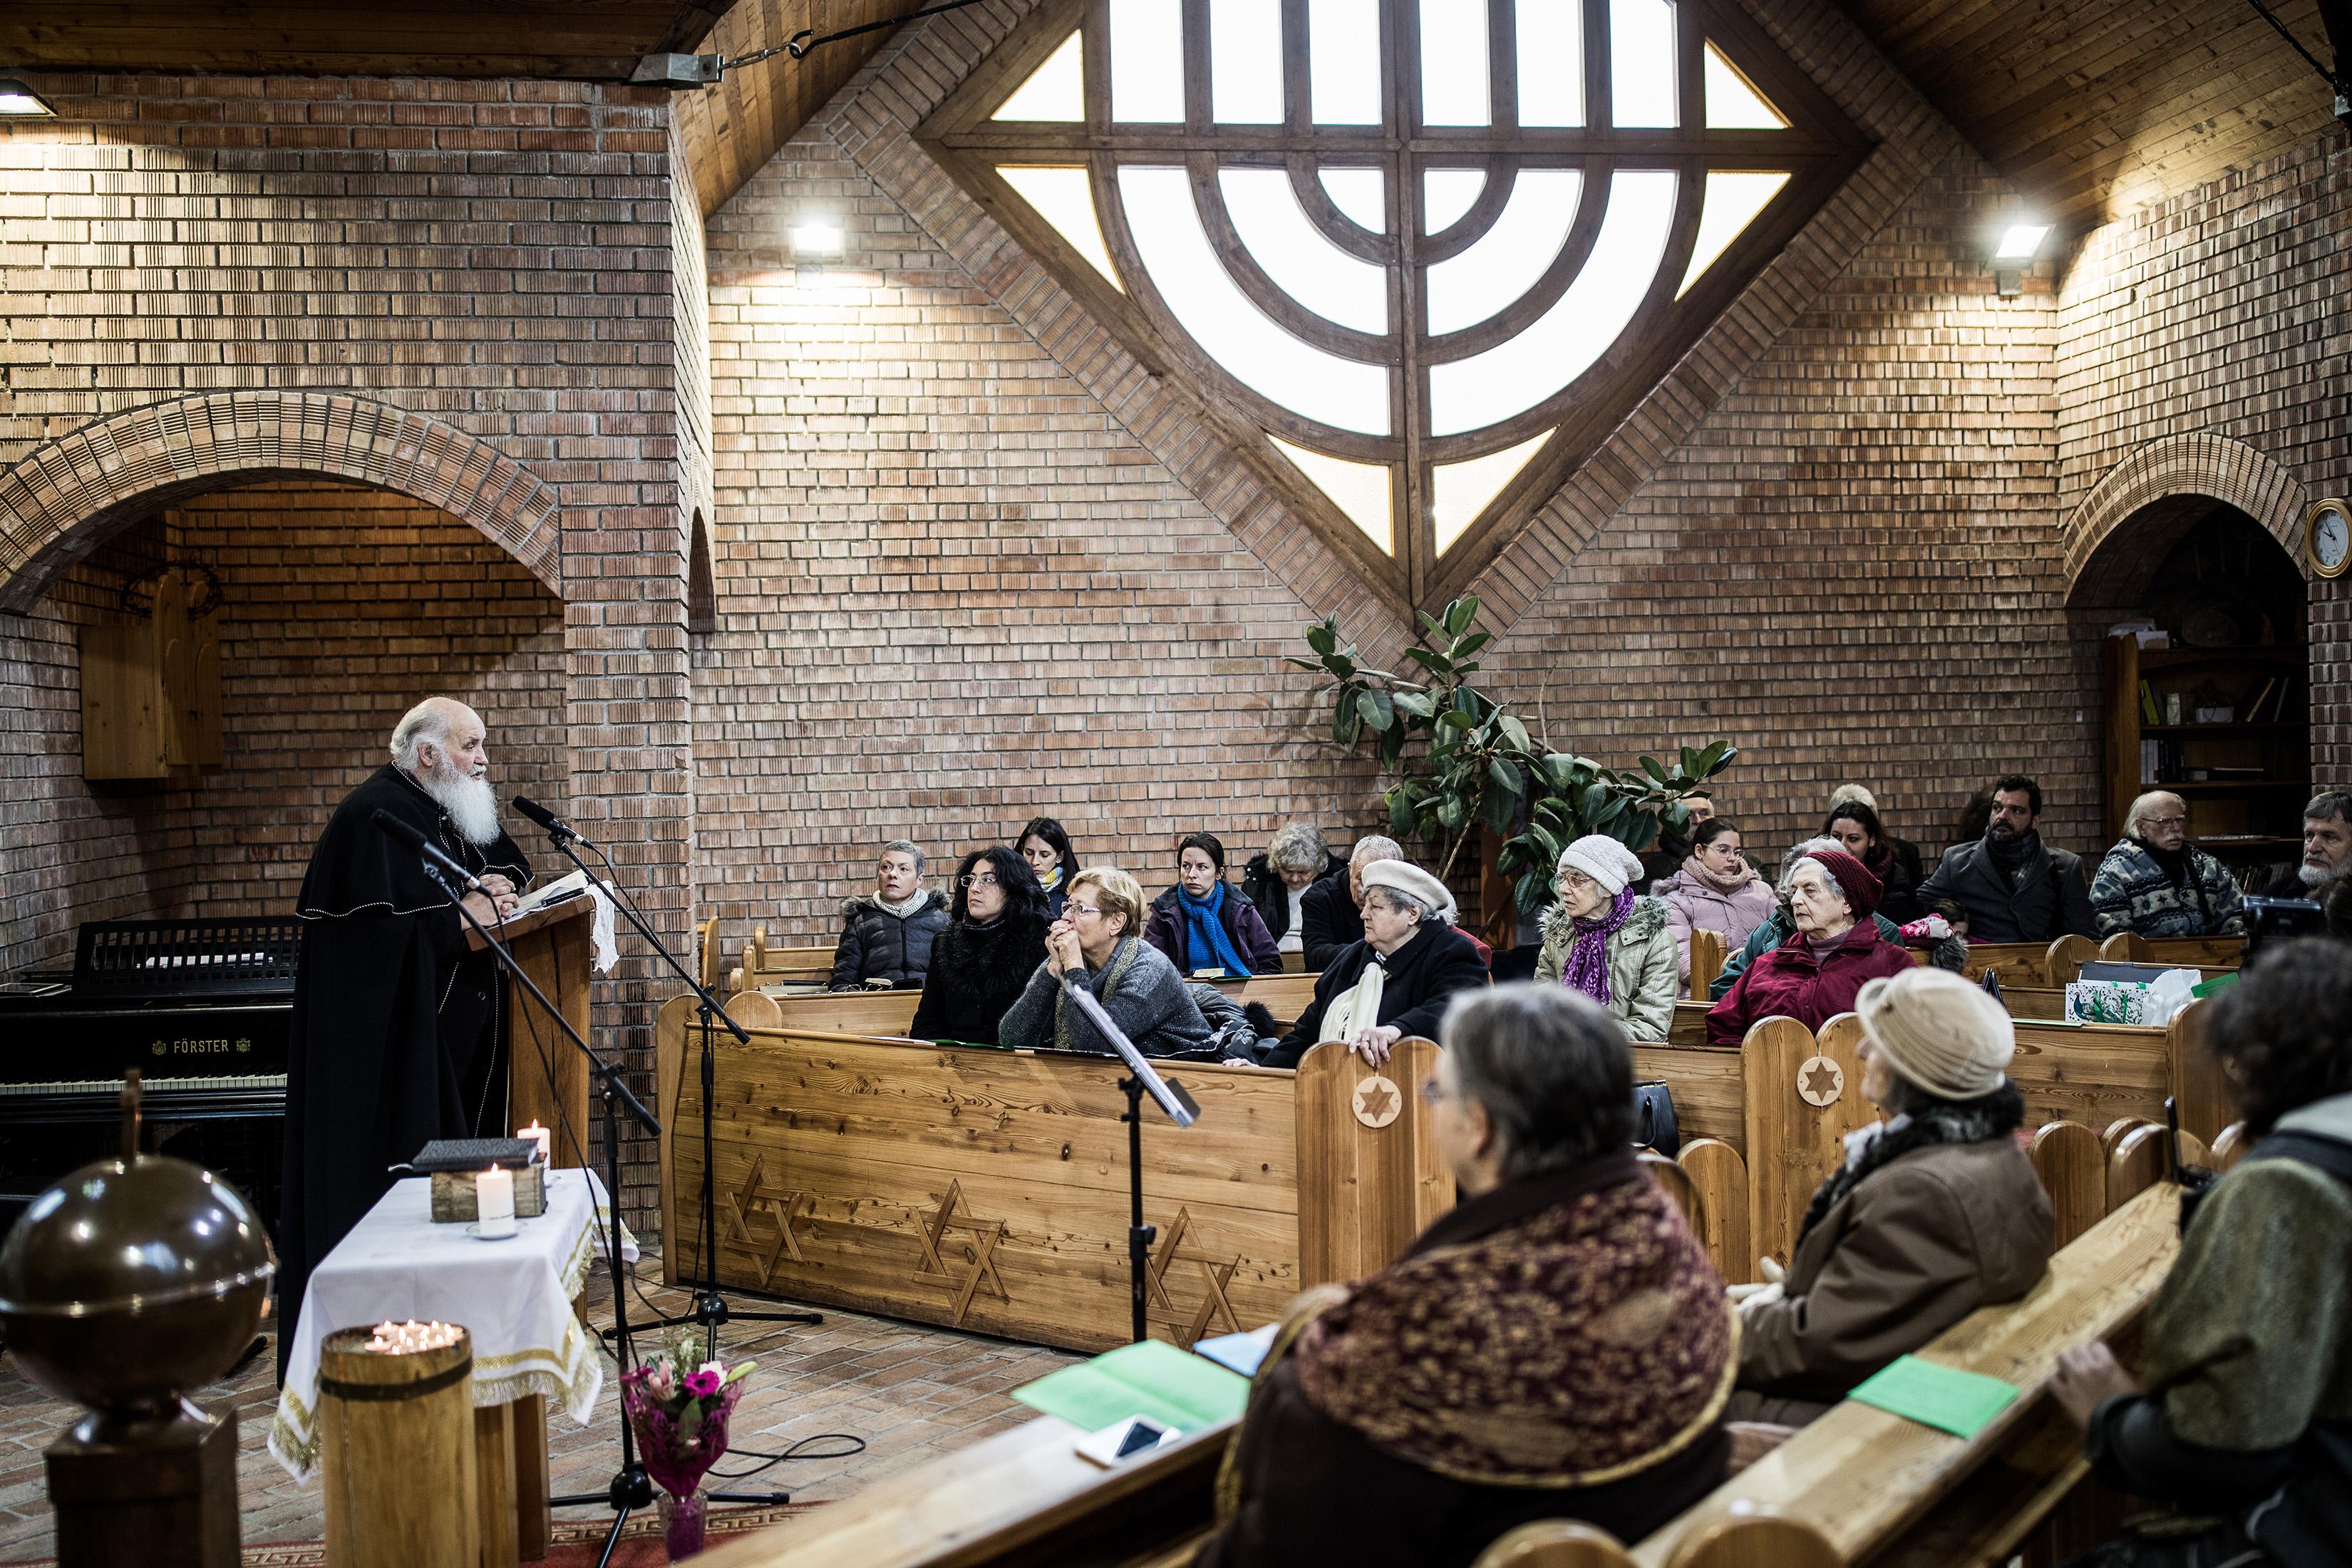 A igreja de Ivanyi tem cerca de 18 mil seguidores declarados, e seu trabalho e fé são amplamente elogiados por outros líderes religiosos. Foto: Akos Stiller / The New York Times